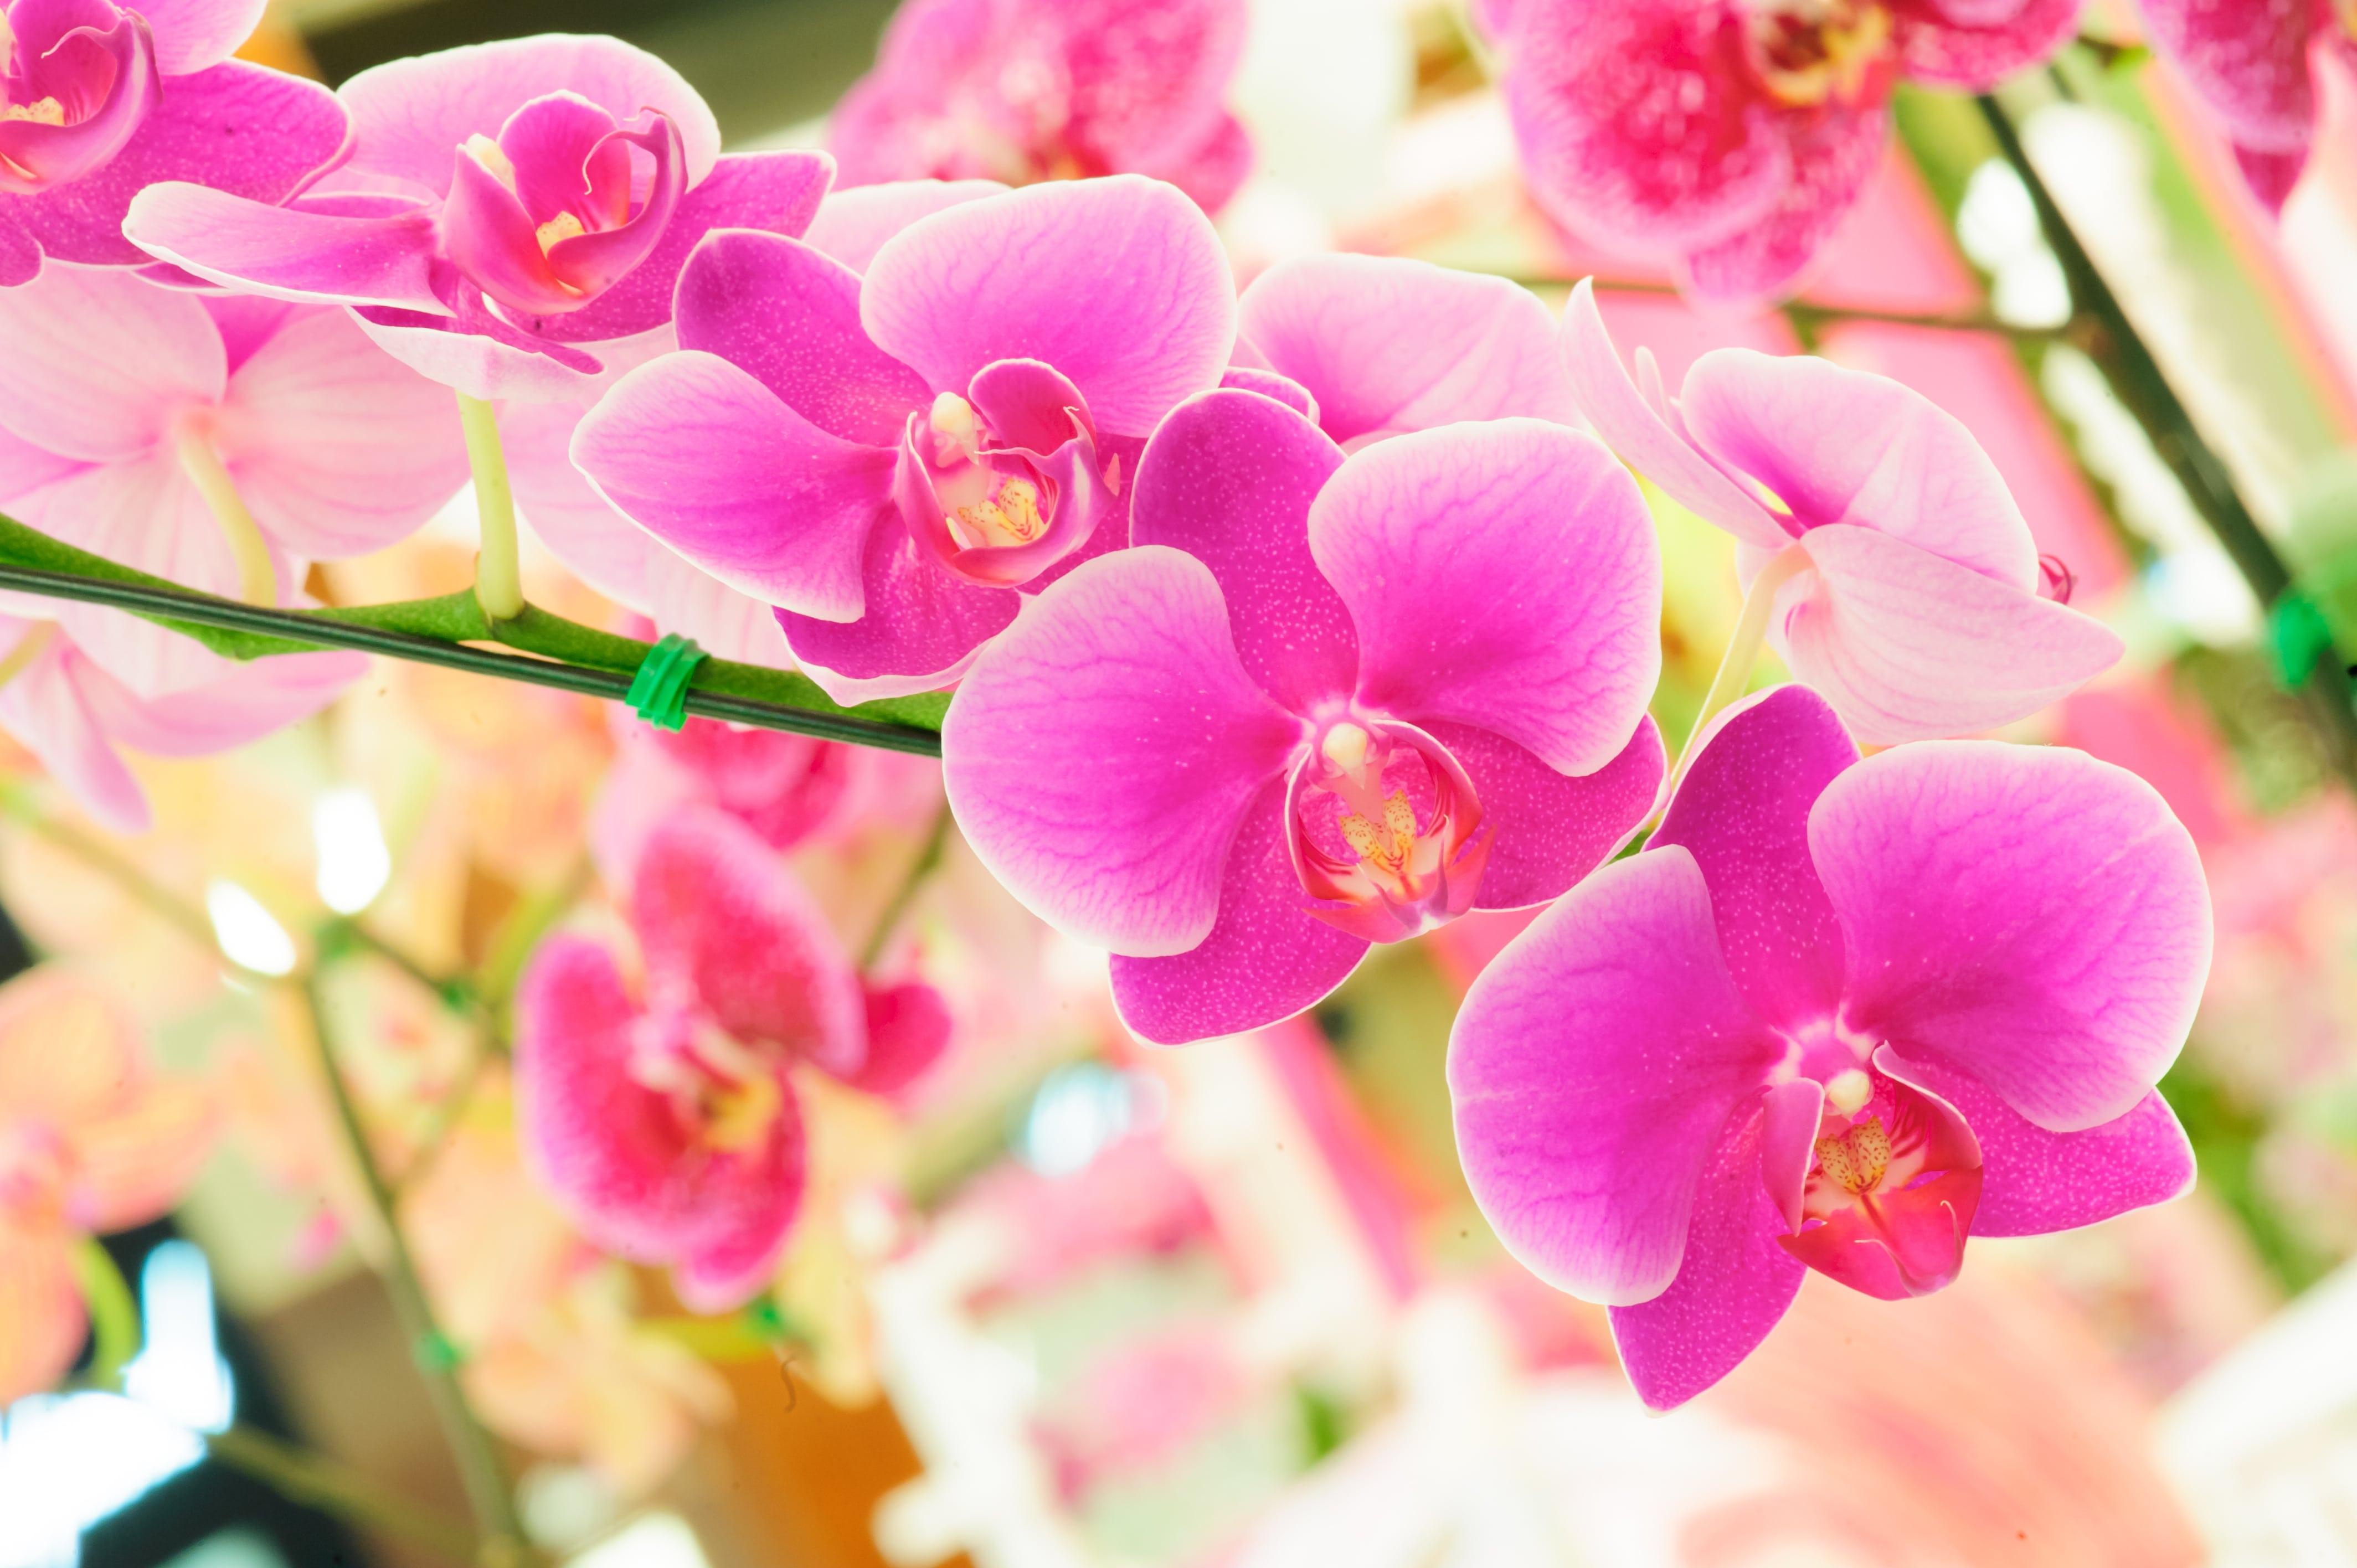 ショッキングピンクの胡蝶蘭